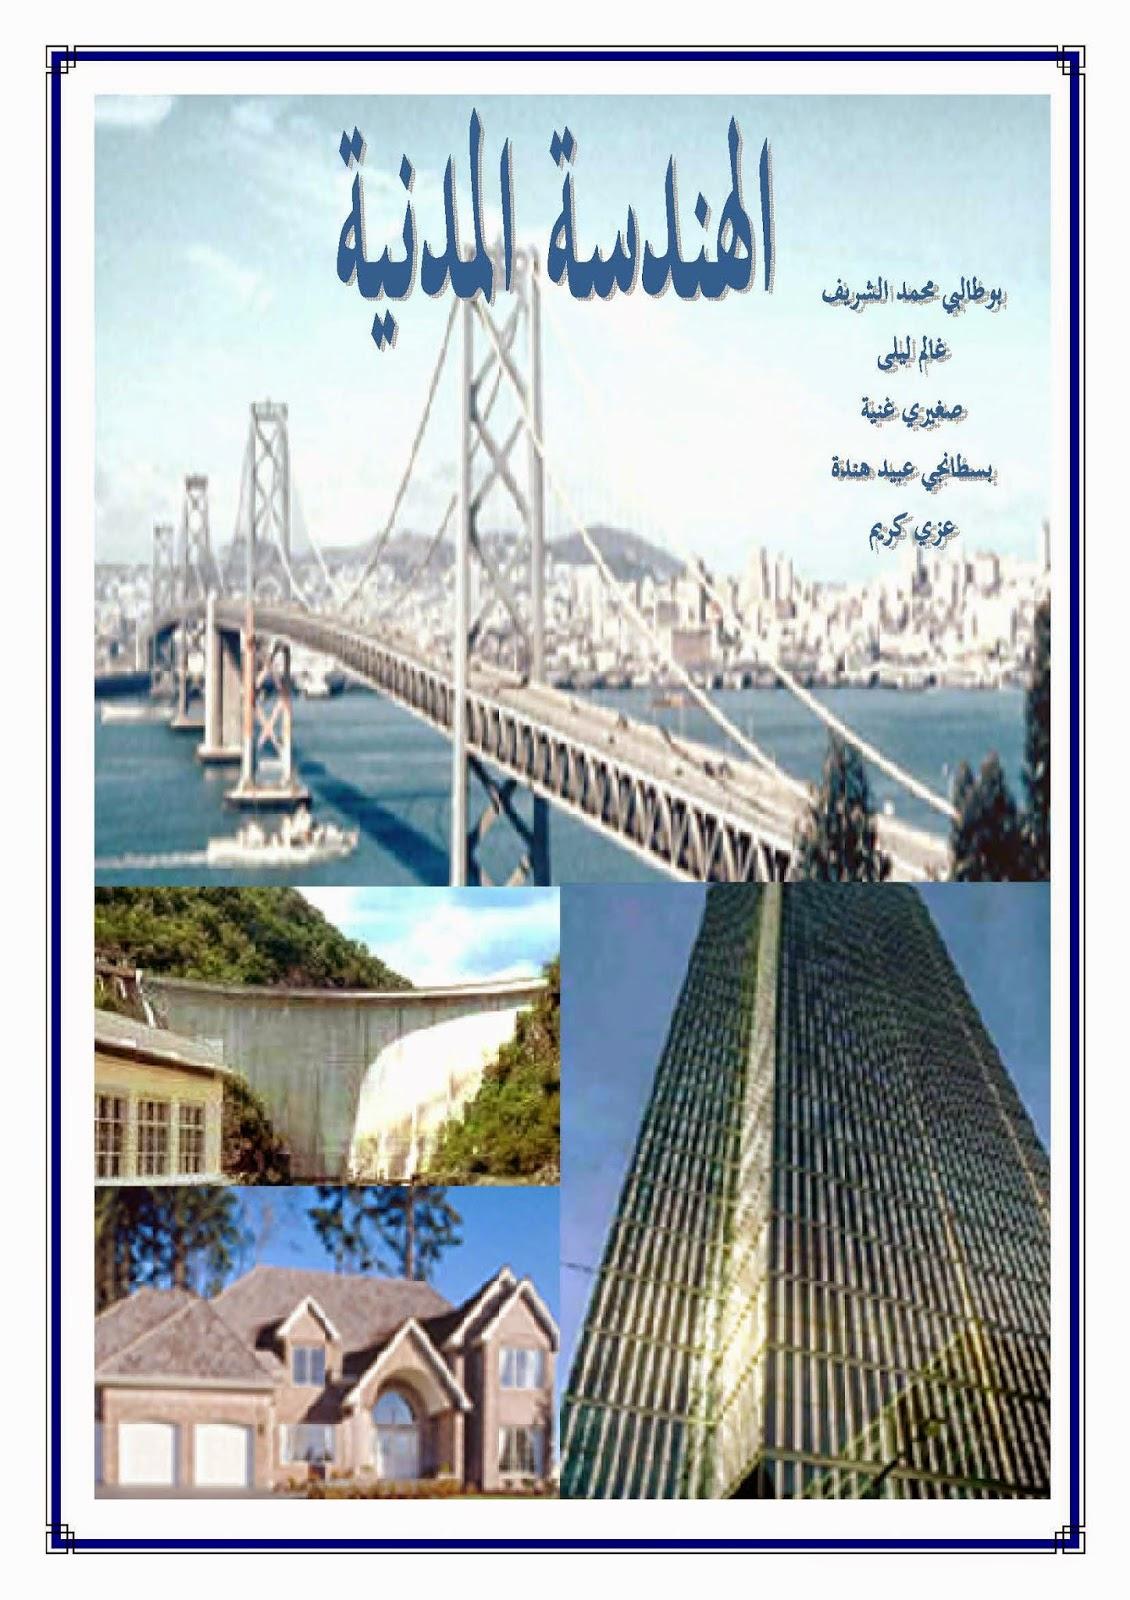 كتاب مقدمة عن الهندسة المدنية